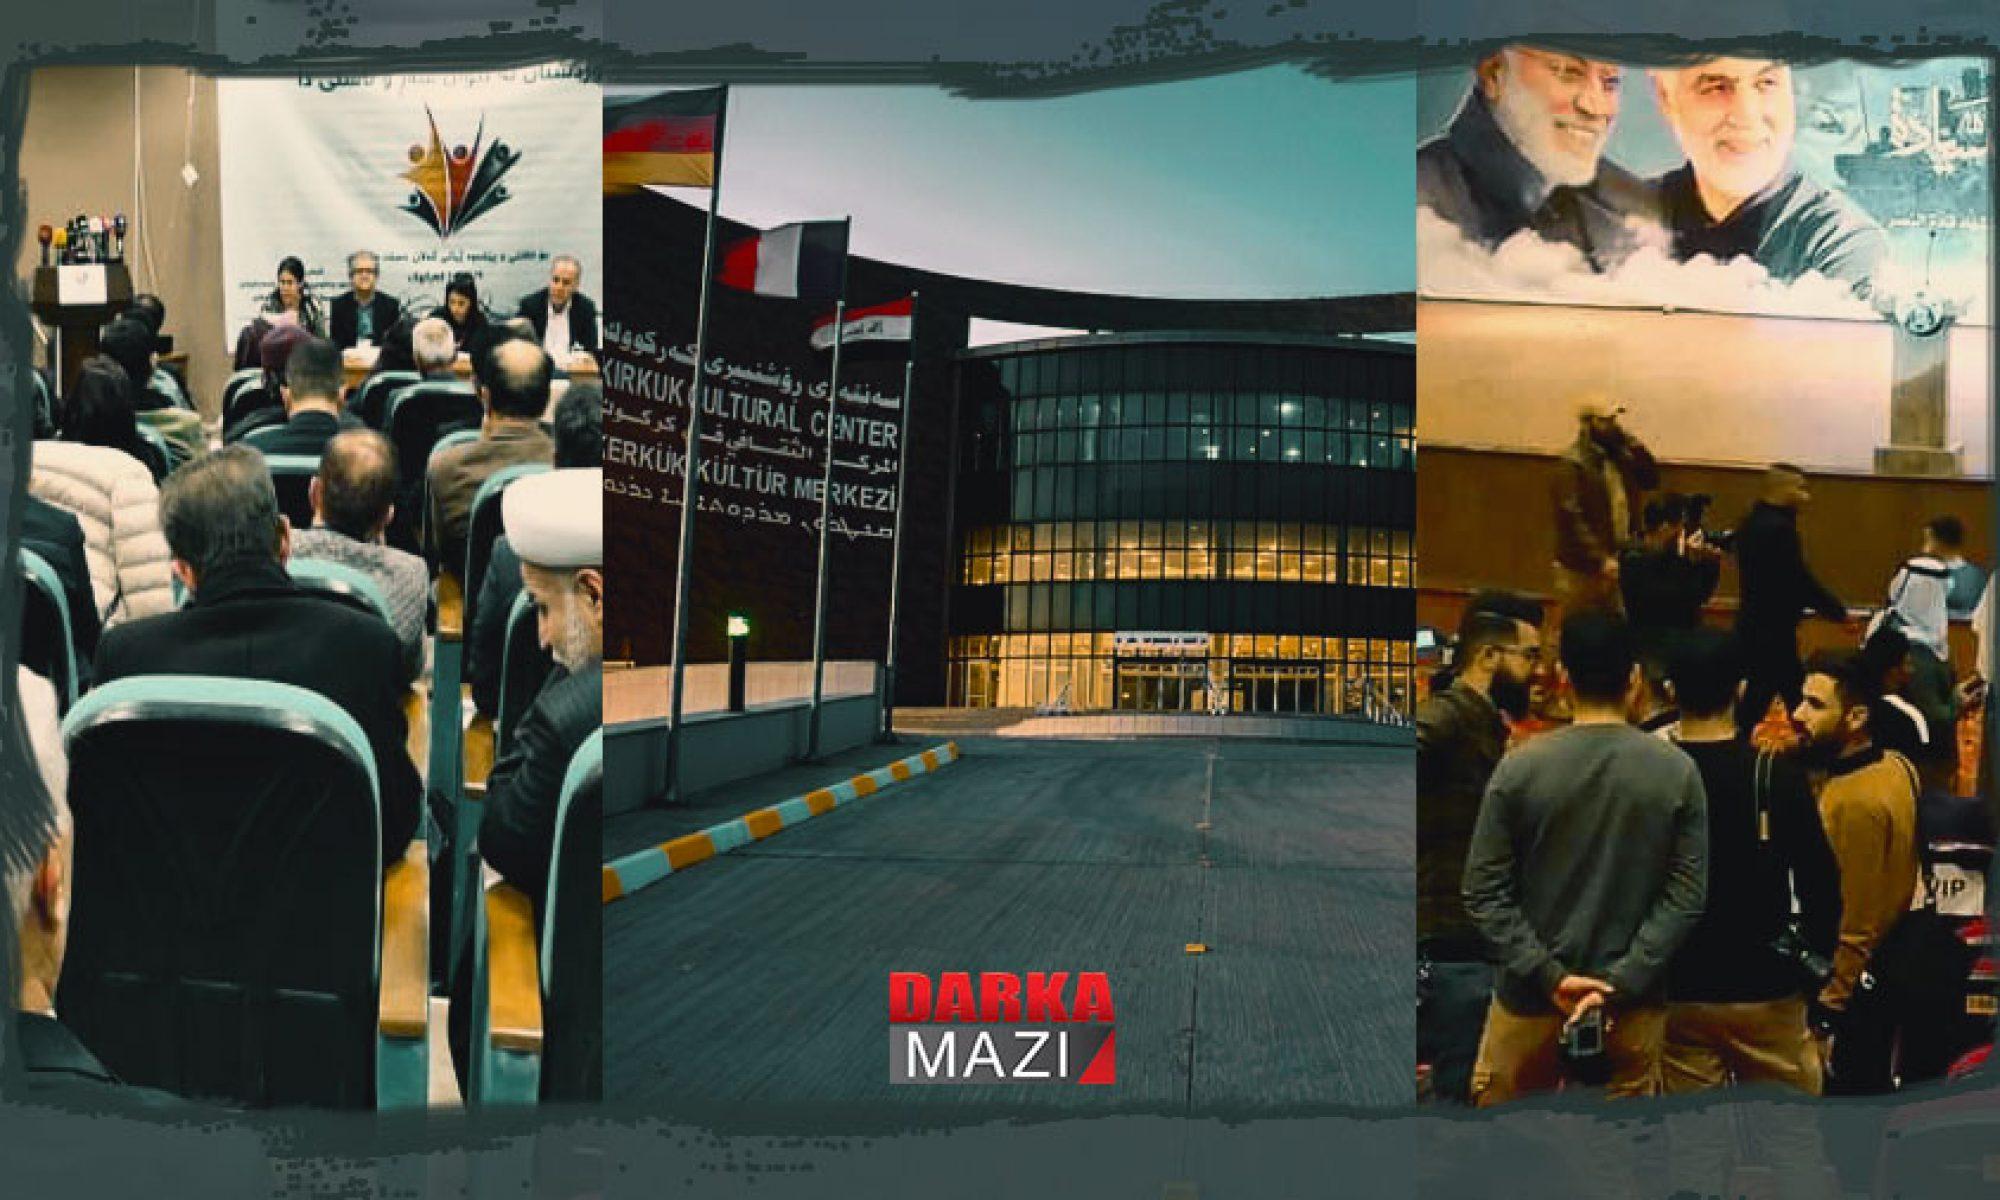 Kerkük'te ki iki toplantı ve Haşdi Şabi, PKK ve YNK'nin Lahor kanadı arasındaki paslaşmalar, Kerkük Kültür Merkezi, Tevgere Azadi, Lahor Cengi, Talabani, Irak seçimleri, Kürdistani bölgeler,